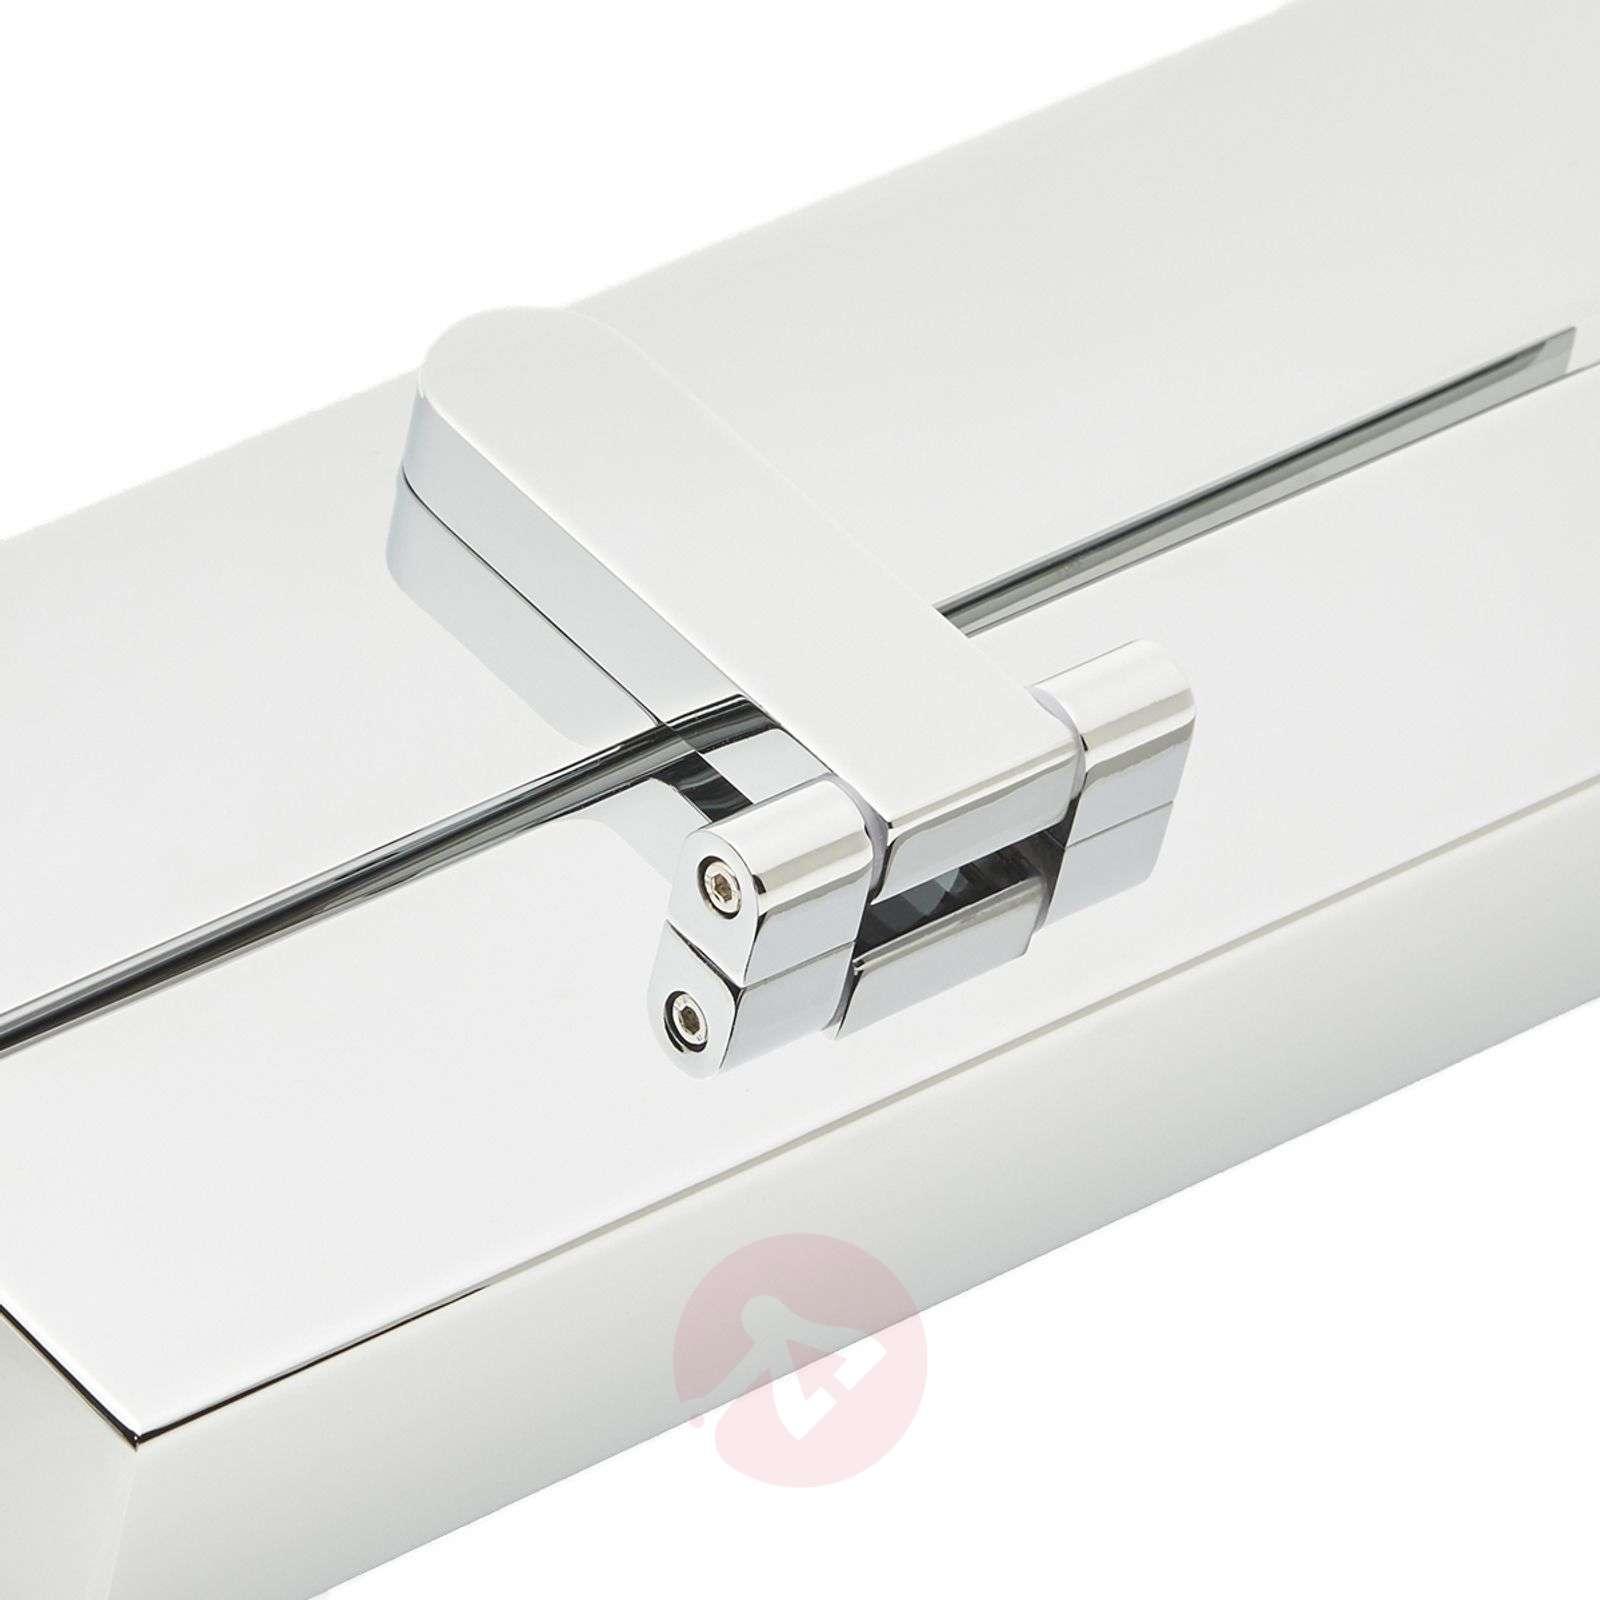 Sina-LED-kylpyhuone ja peilivalaisin 74 cm-1050073-01